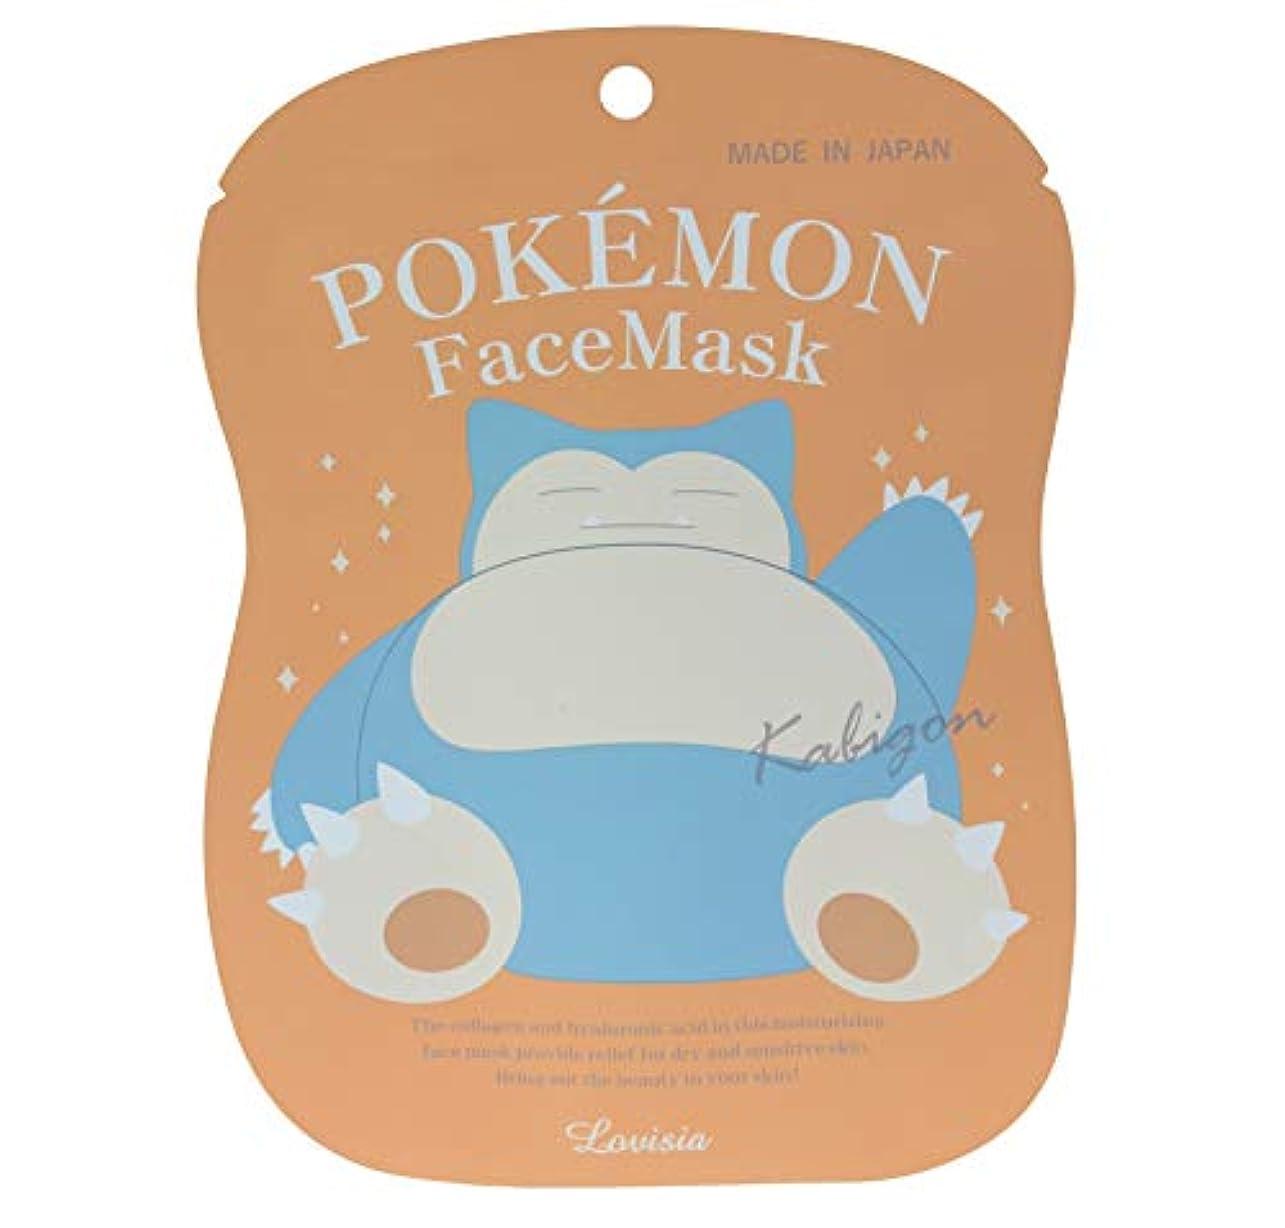 モード化学薬品心からポケモンフェイスマスク カビゴン 1枚